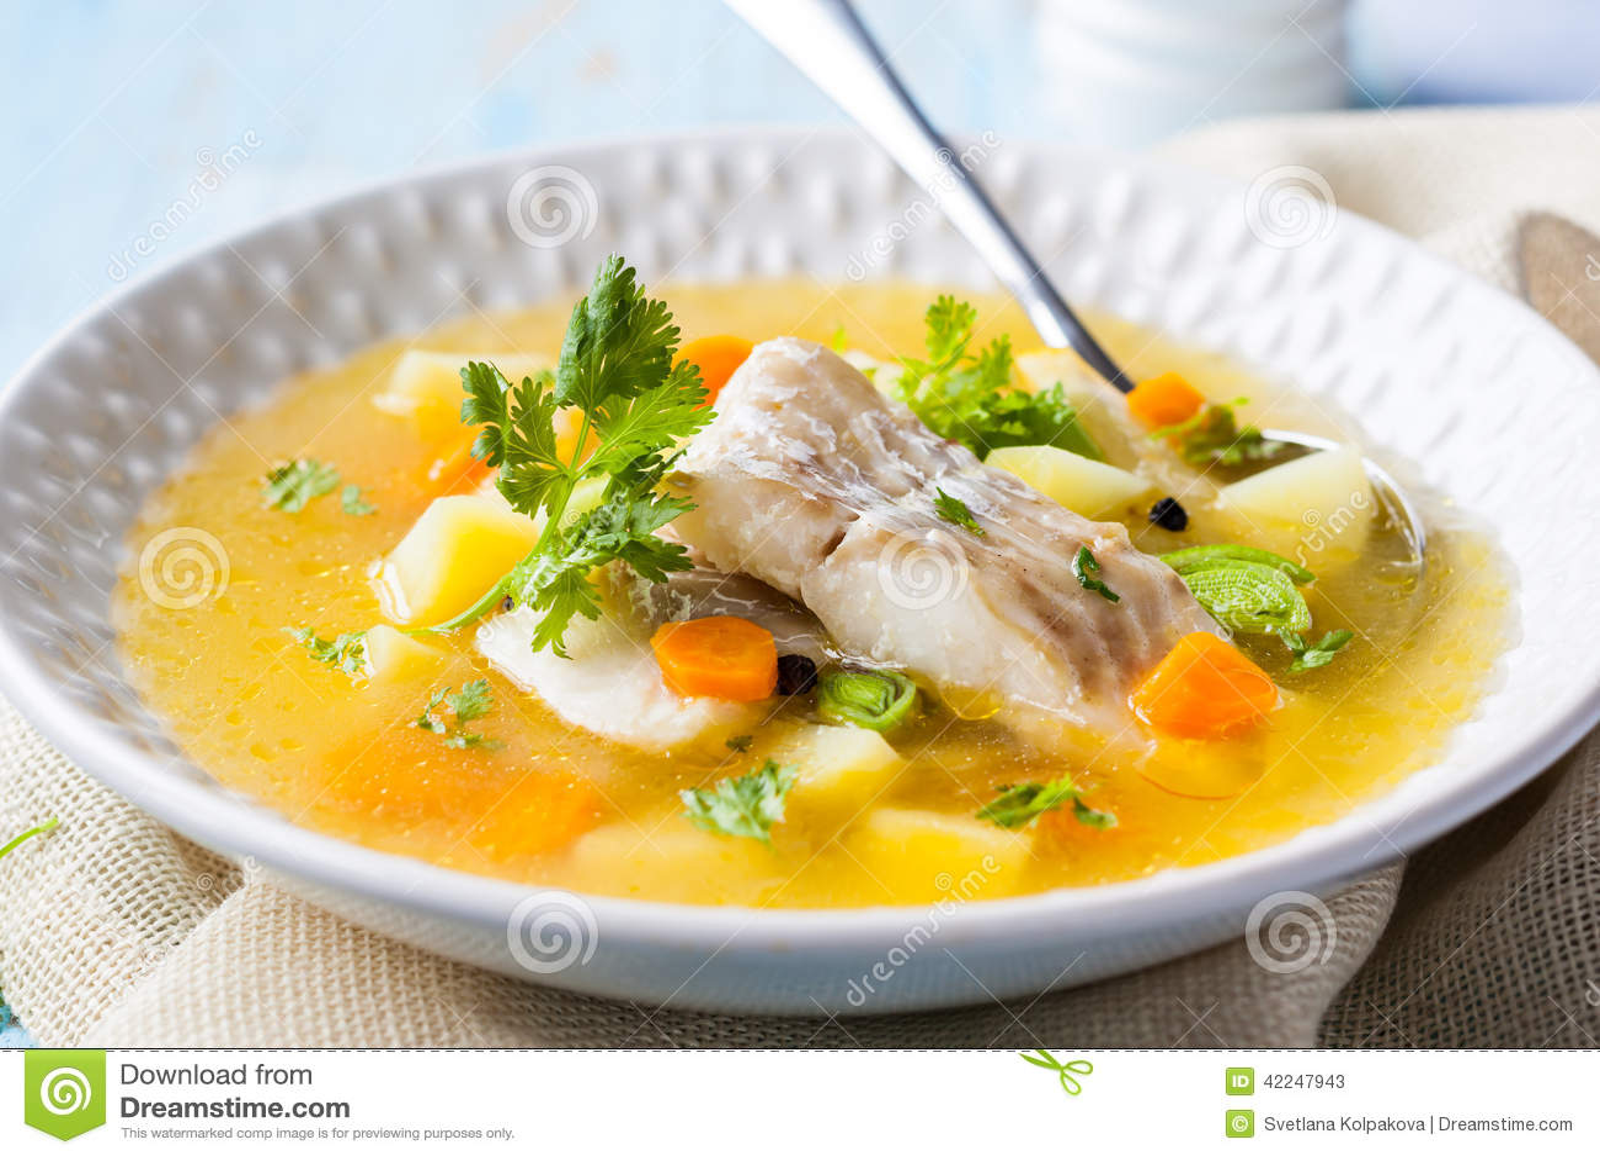 Tät fisk skjuten soup upp